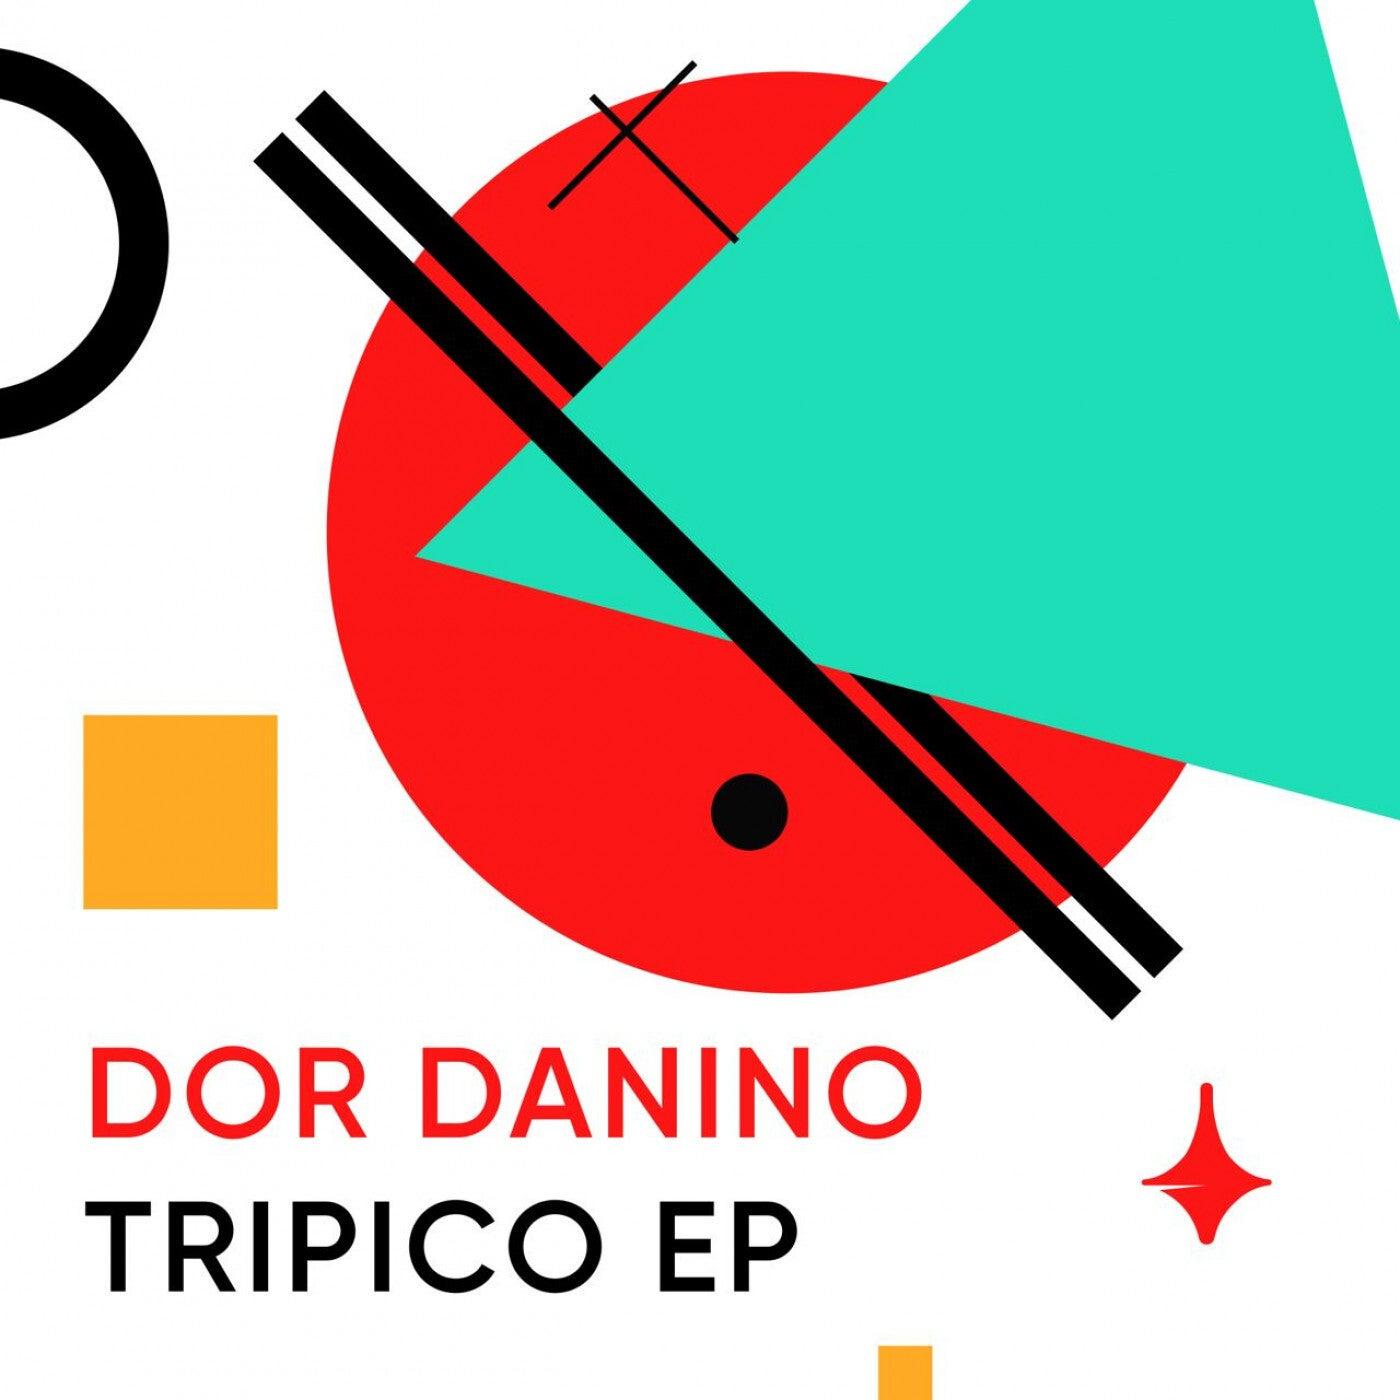 Tripico (Original Mix)